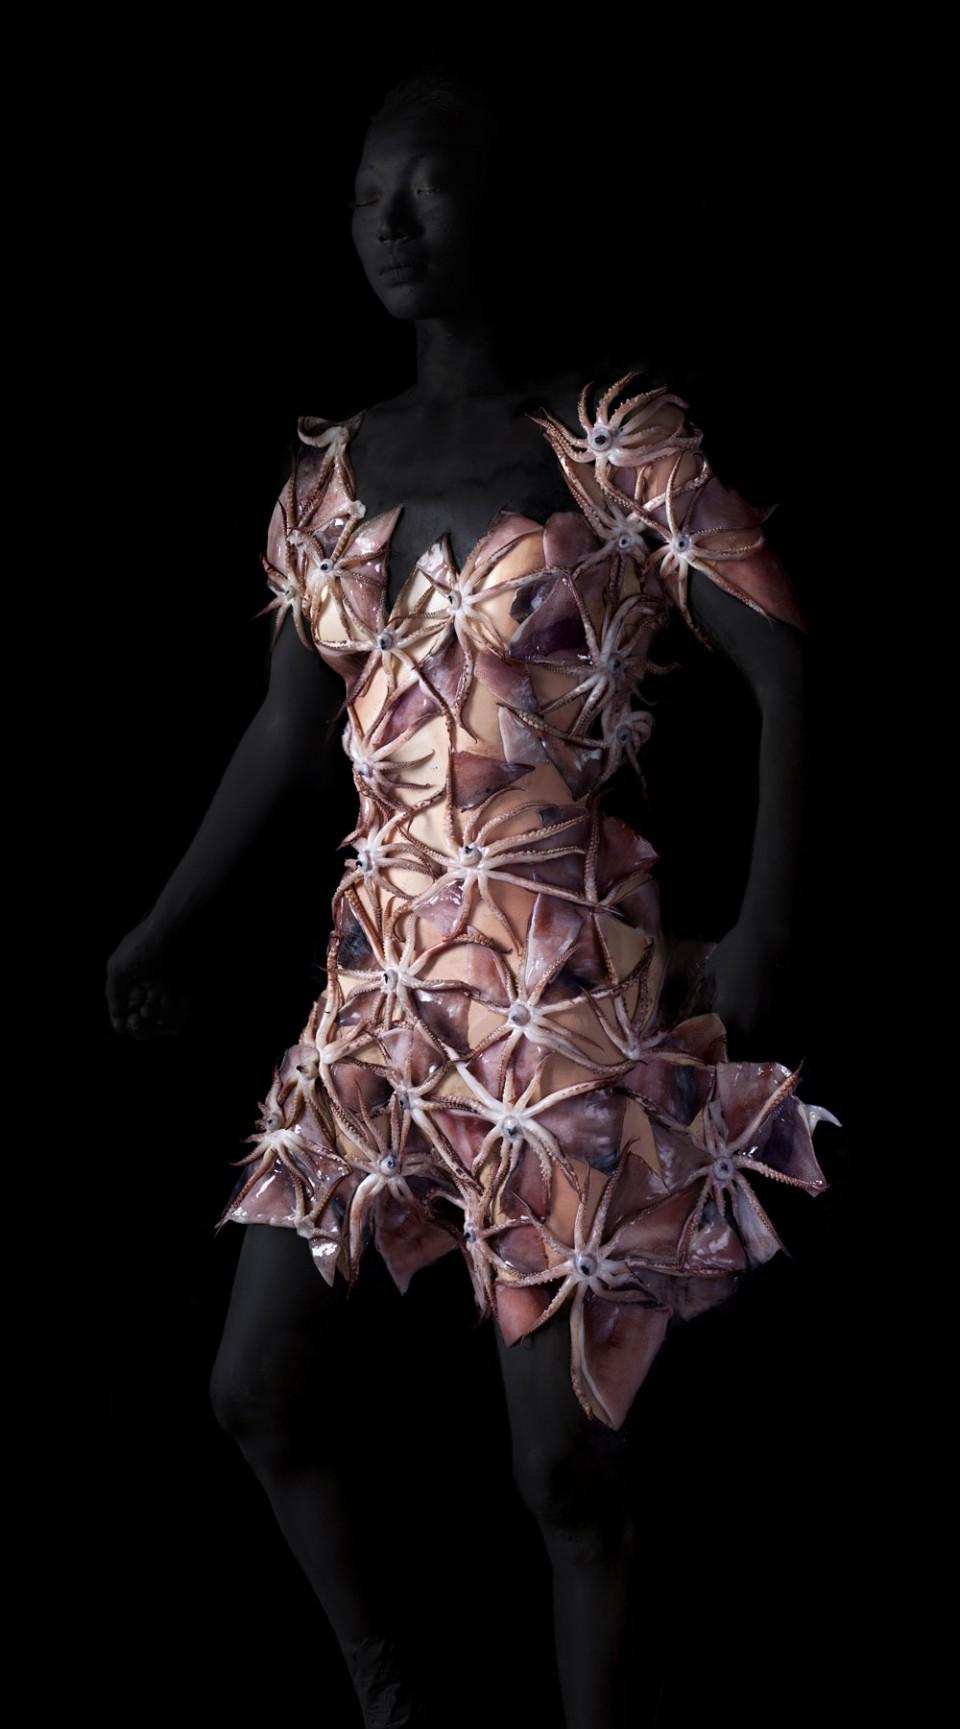 칼라마리. 피그먼트 프린트 90×200cm, 2015. 최근에는 몸을 이용한 작업을 시도하고 있다. 사람의 피부와 식재료의 모호한 경계선을 사용해 옷을 짓는다. © 박성영